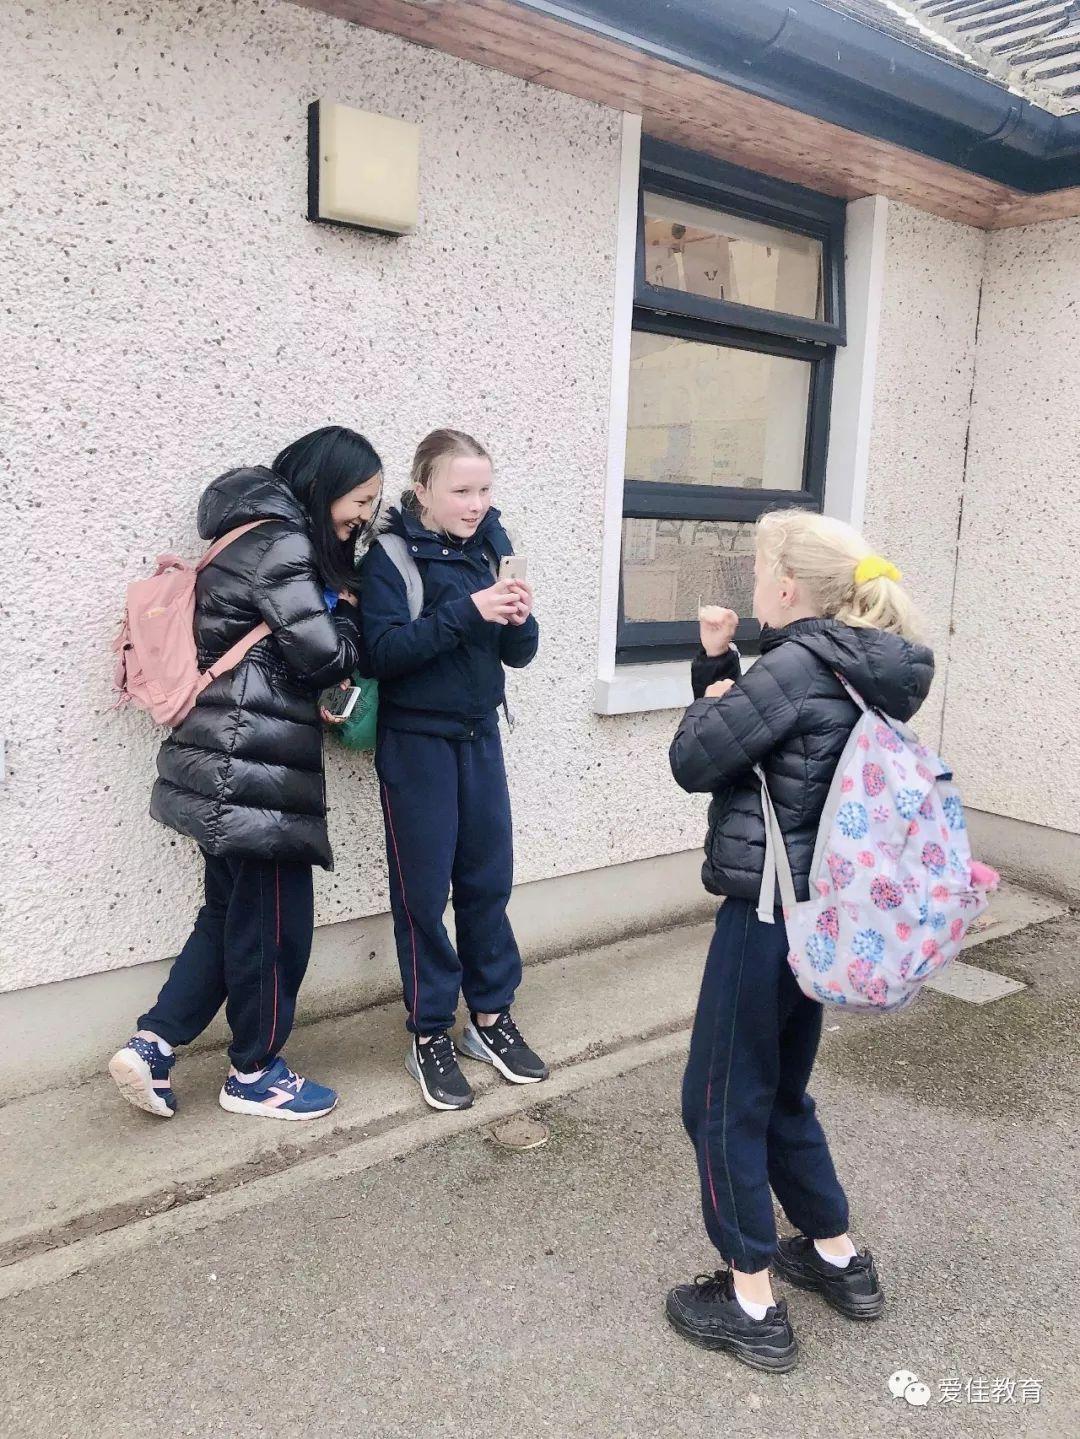 爱尔兰中学插班实录-爱尔兰留学